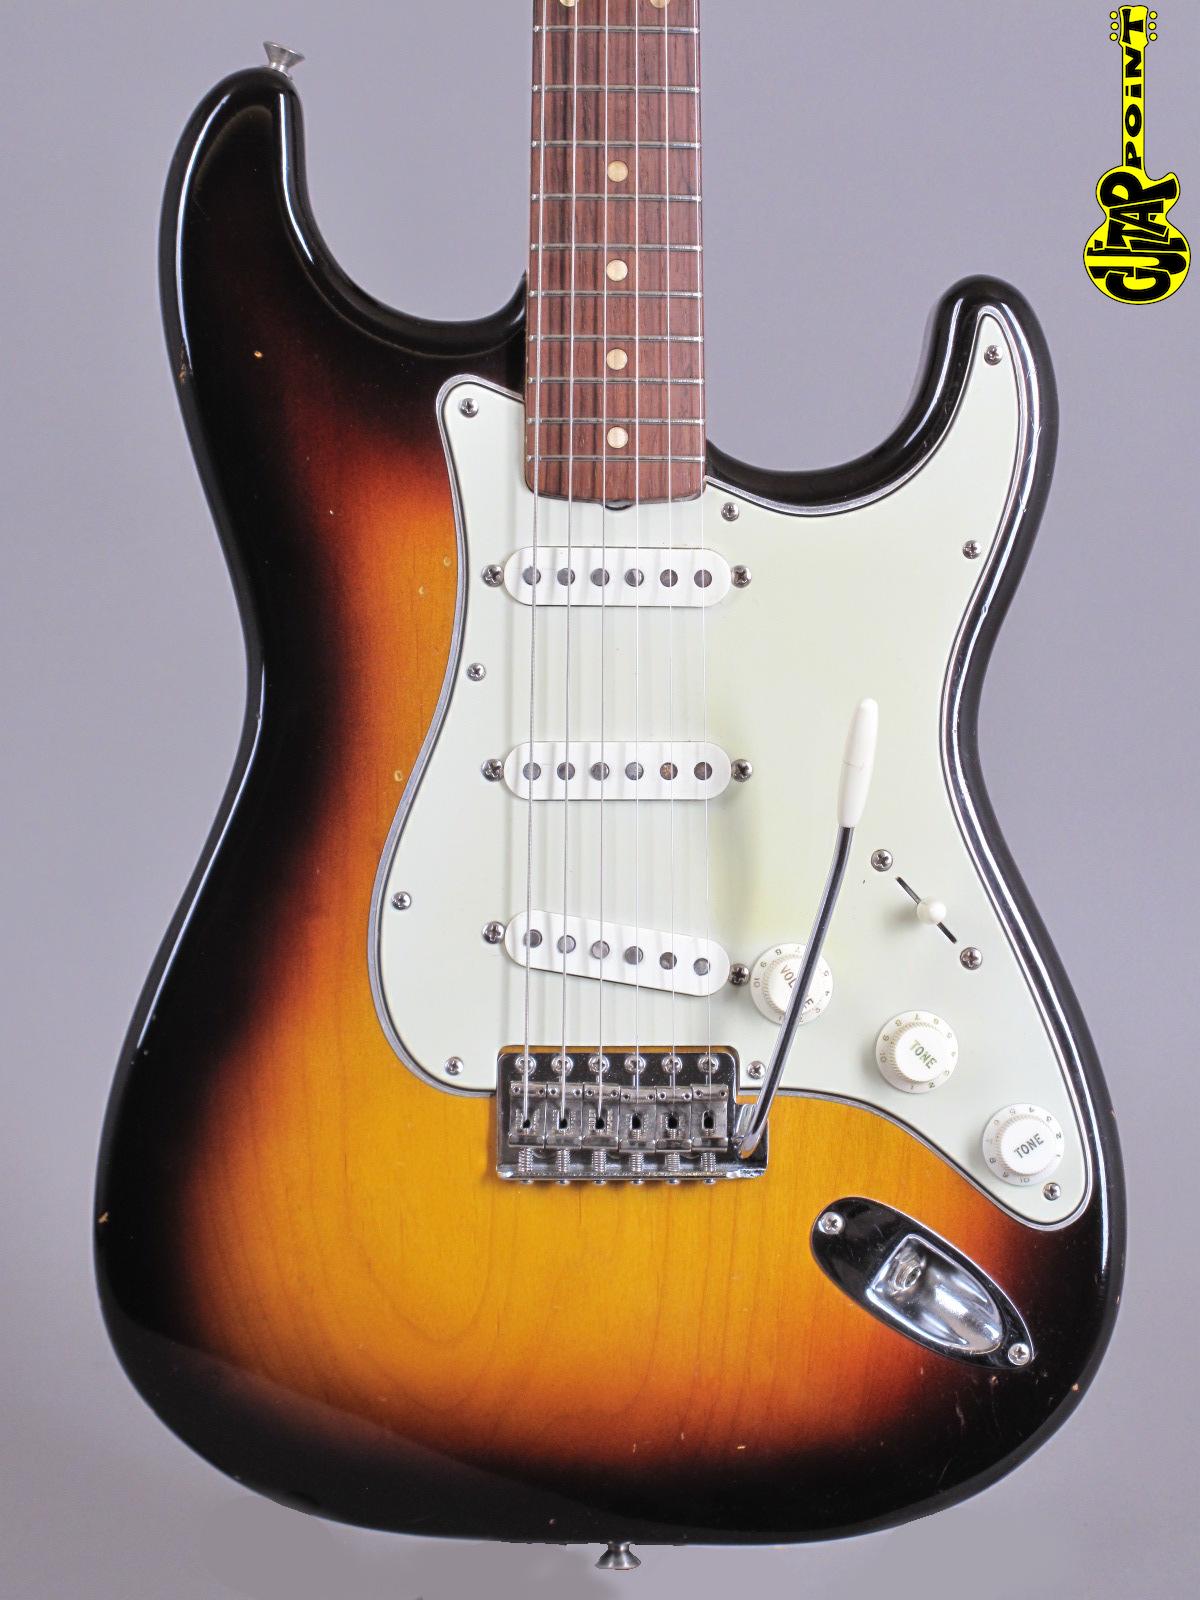 1959 Fender Stratocaster - Sunburst ...super rare early Slabboard